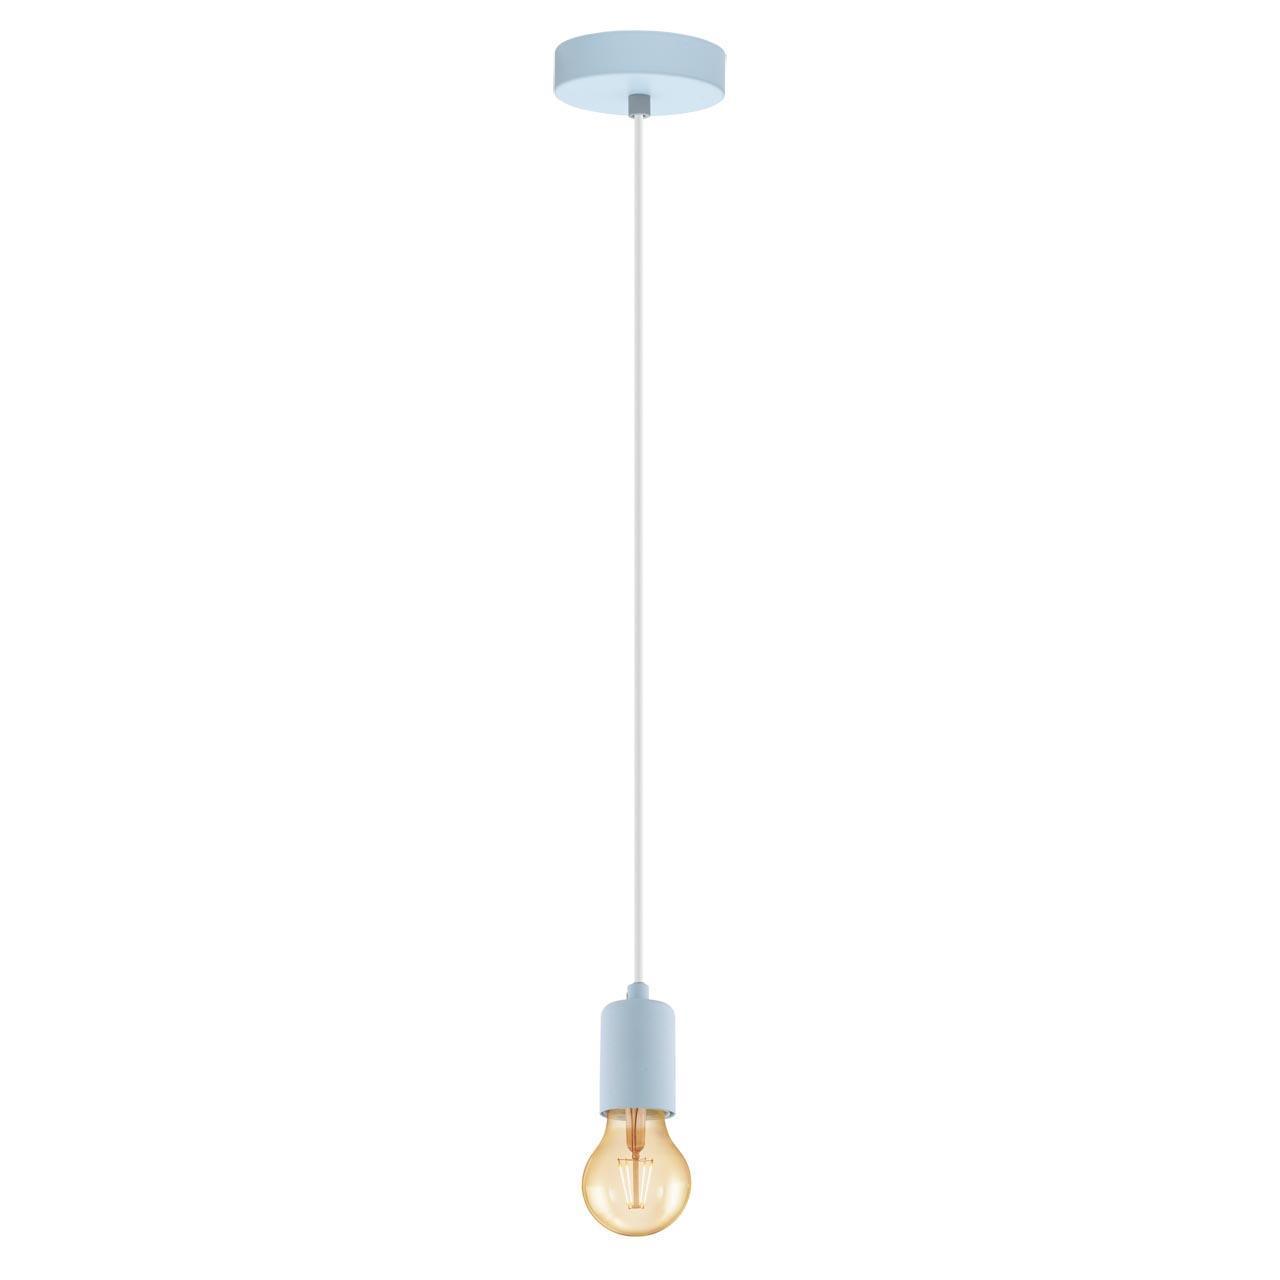 Подвесной светильник Eglo Yorth-P 49018 eglo подвесной светильник eglo yorth p 49018